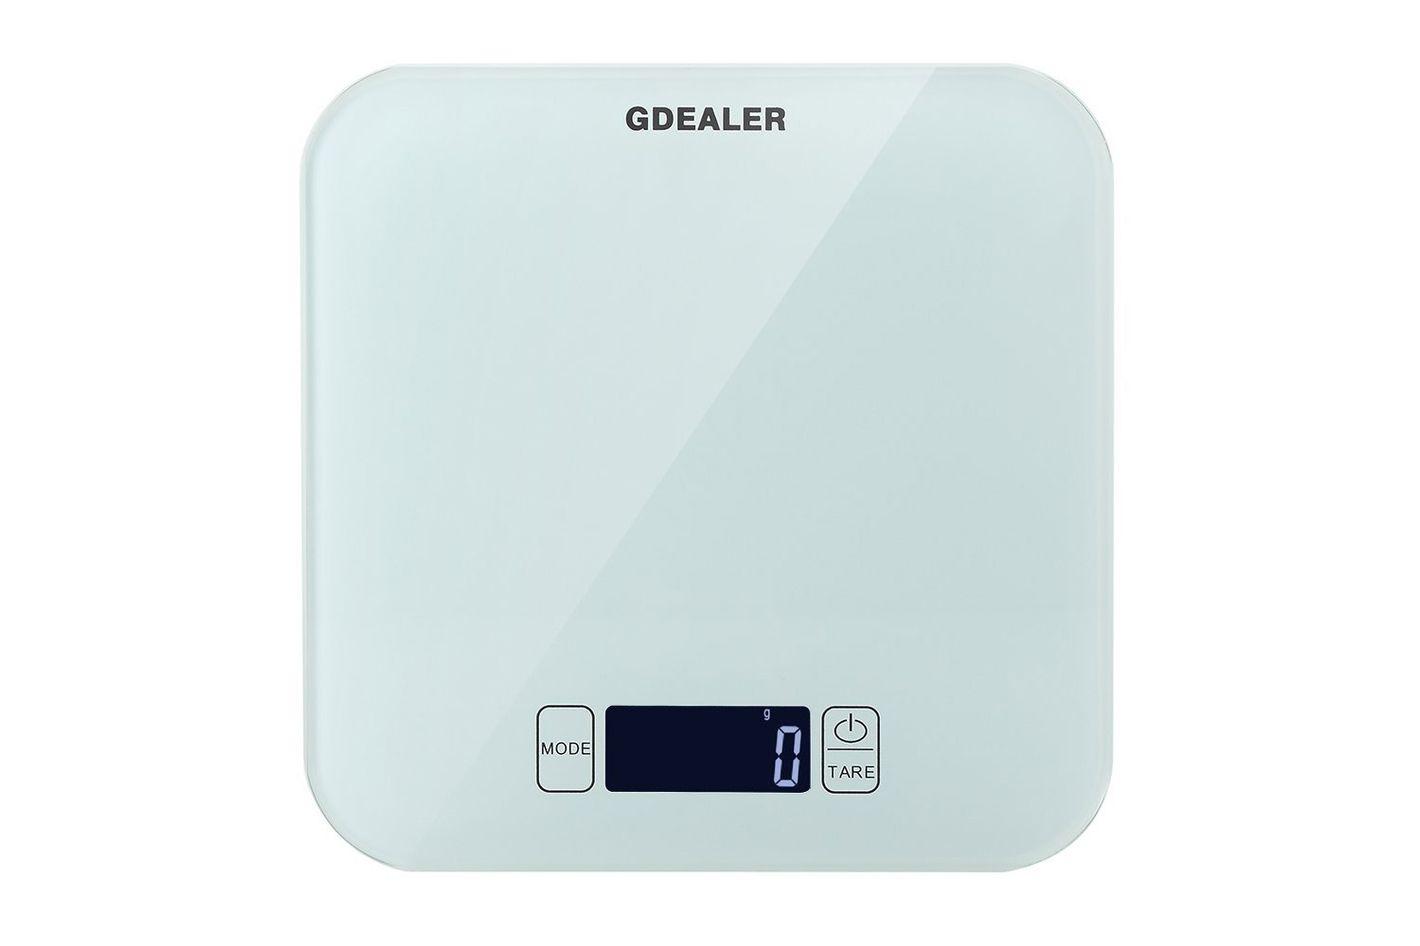 GDealer Digital Kitchen Scale